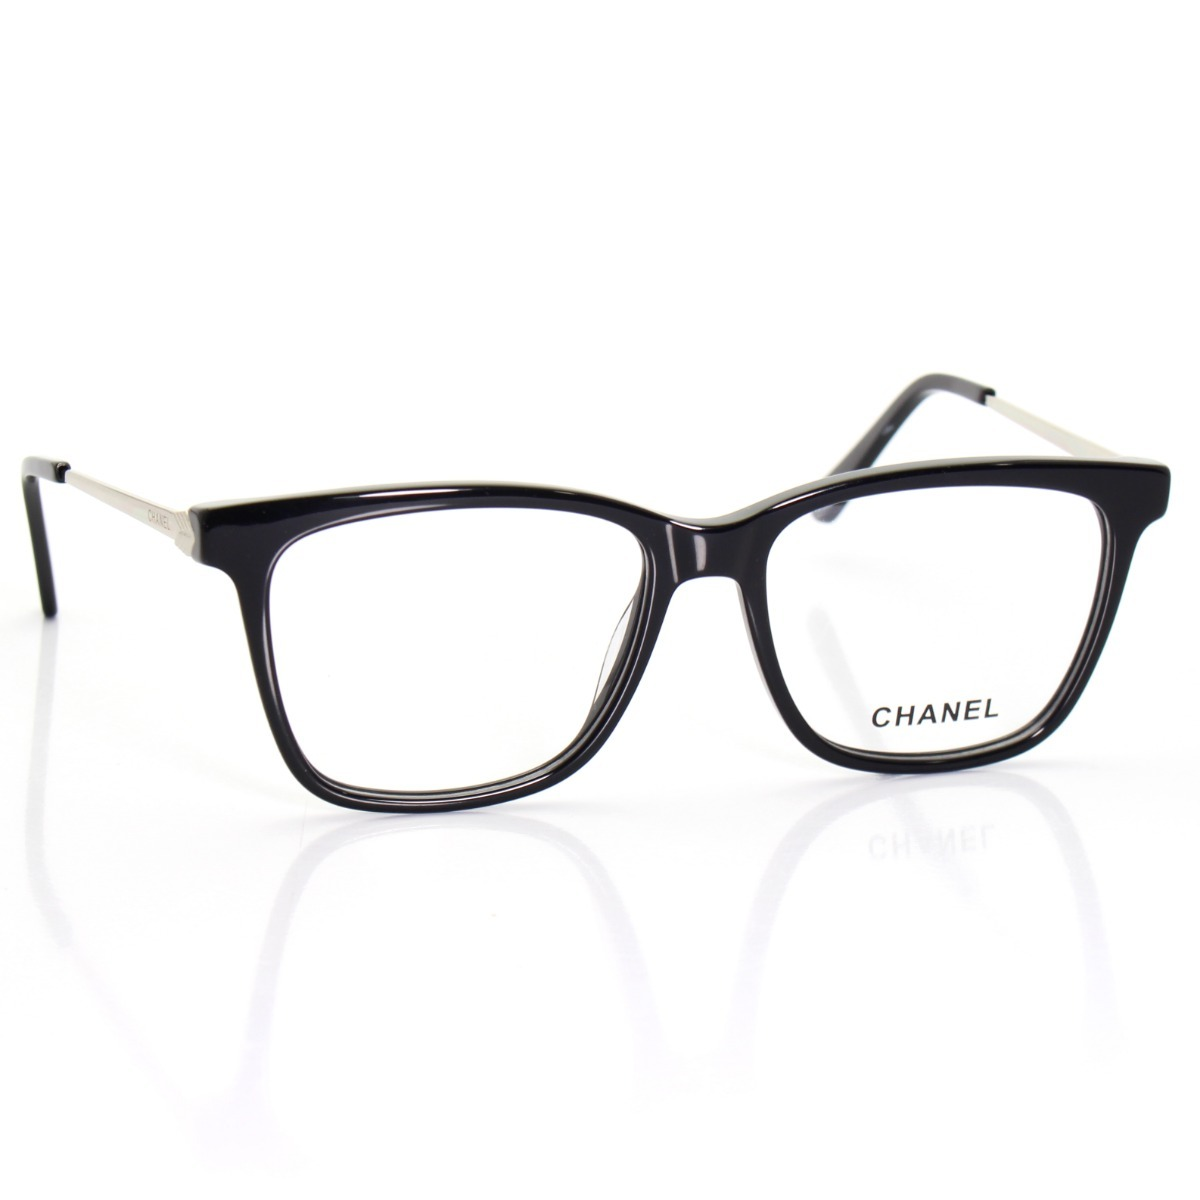 97704ea3c armação p/ óculos d grau feminina chanel ch2132 acetato. Carregando zoom.